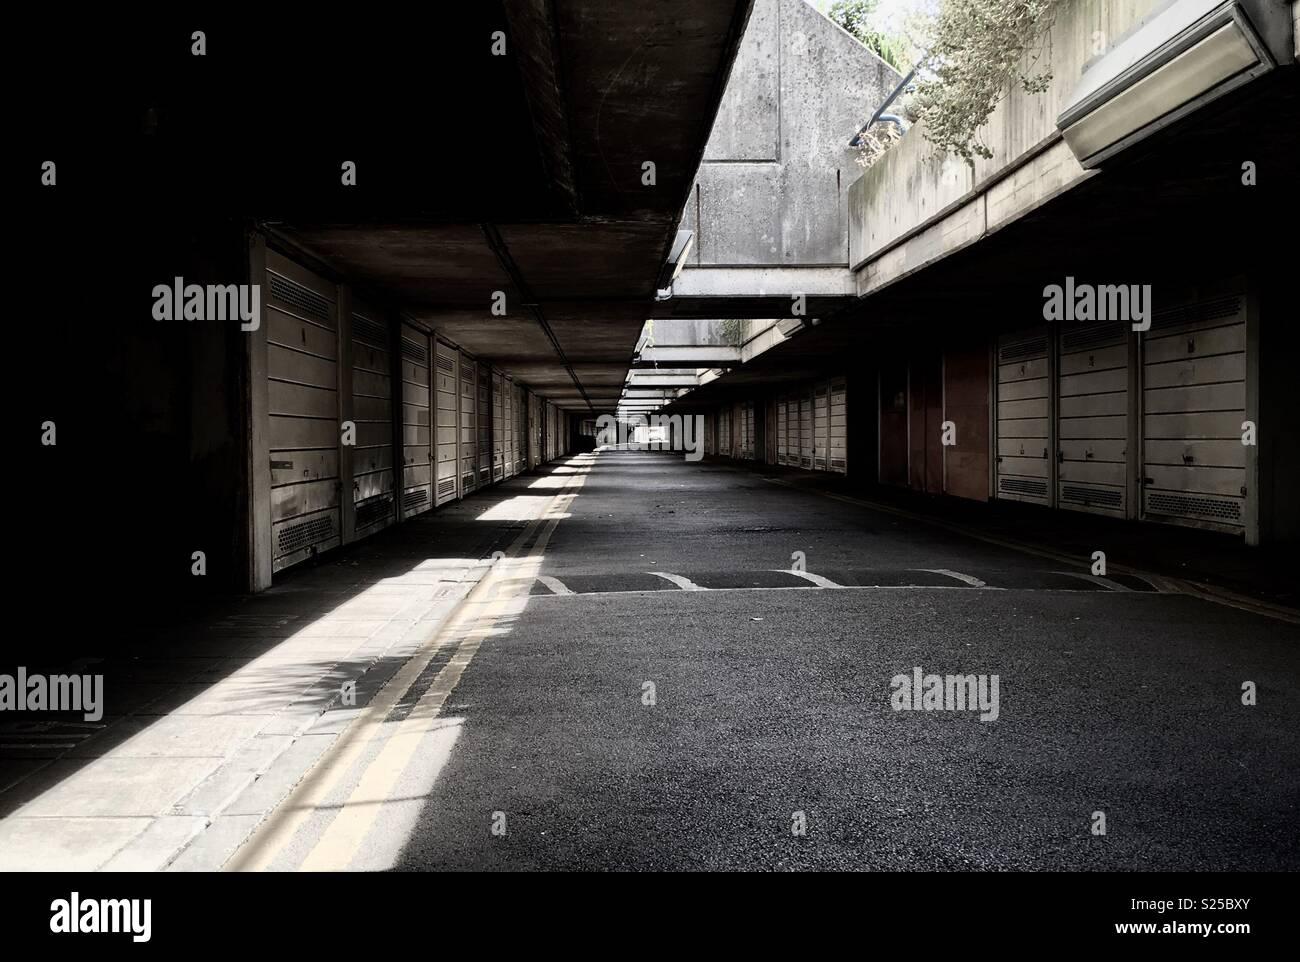 Sous sol garage avec l'ombre et la lumière Photo Stock